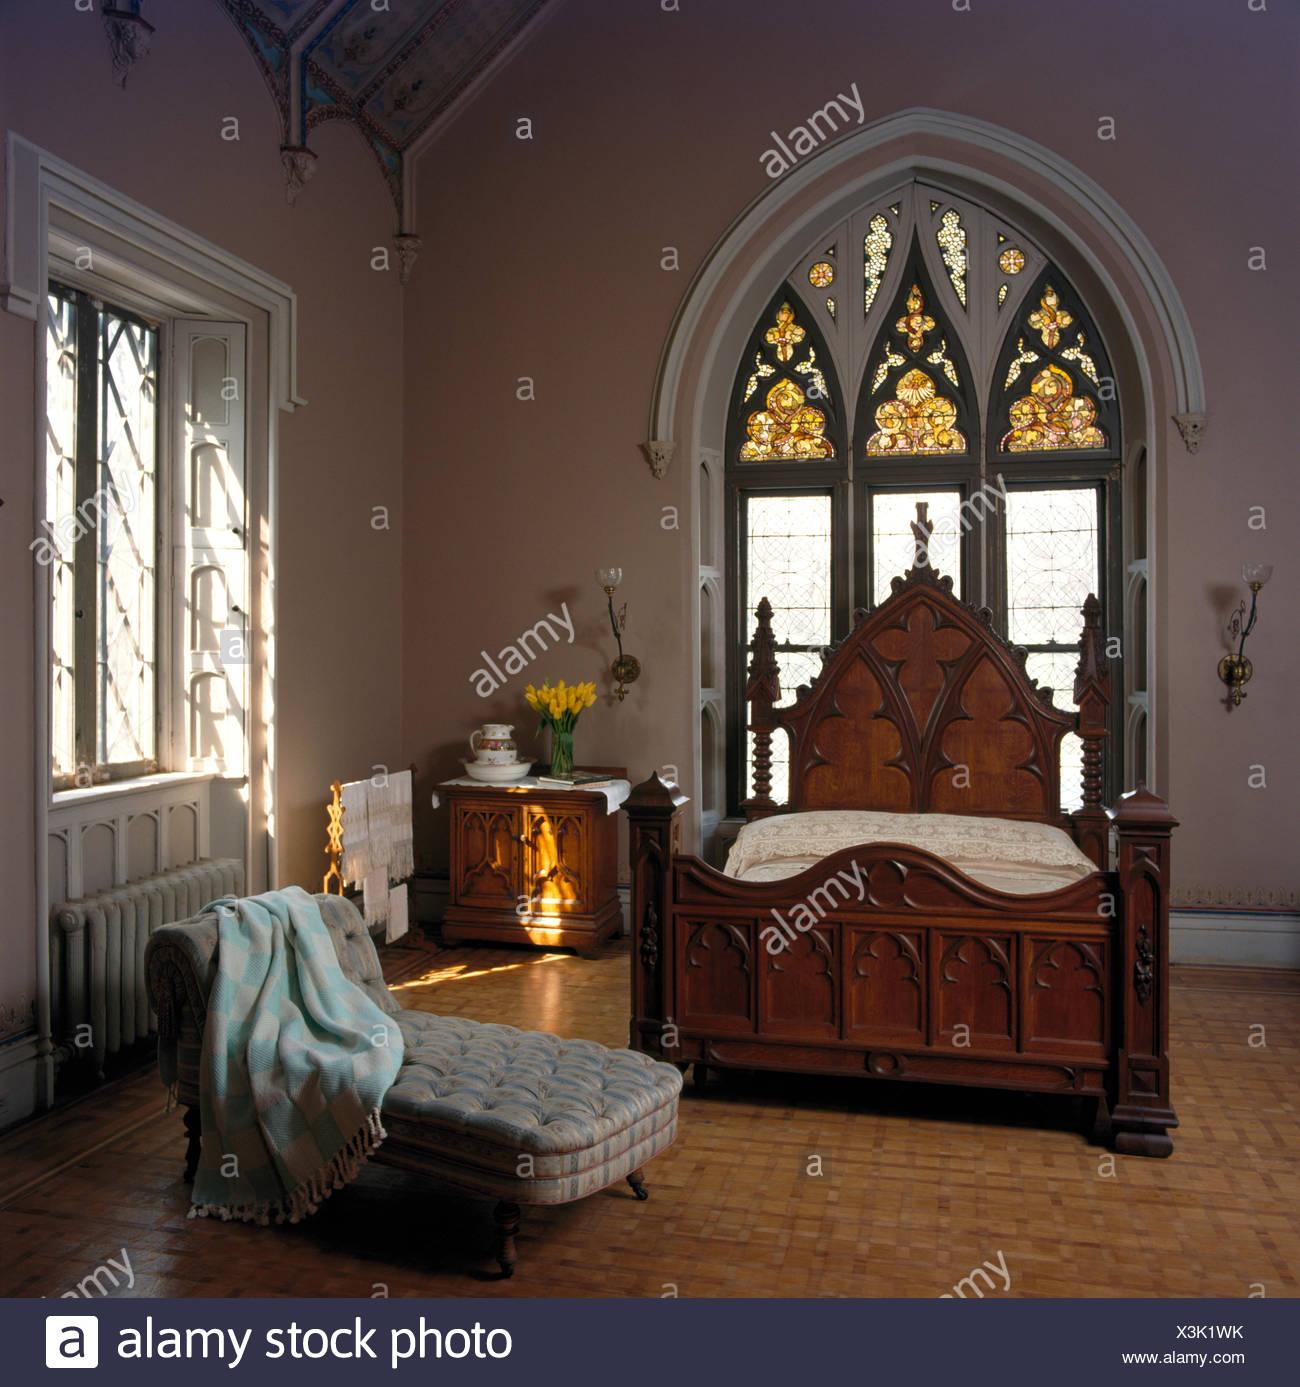 Schlafzimmer Dachschräge Gestalten Genial Wandgestaltung: Fenster Schlafzimmer. Schlafzimmer Schränke Günstig Ideen